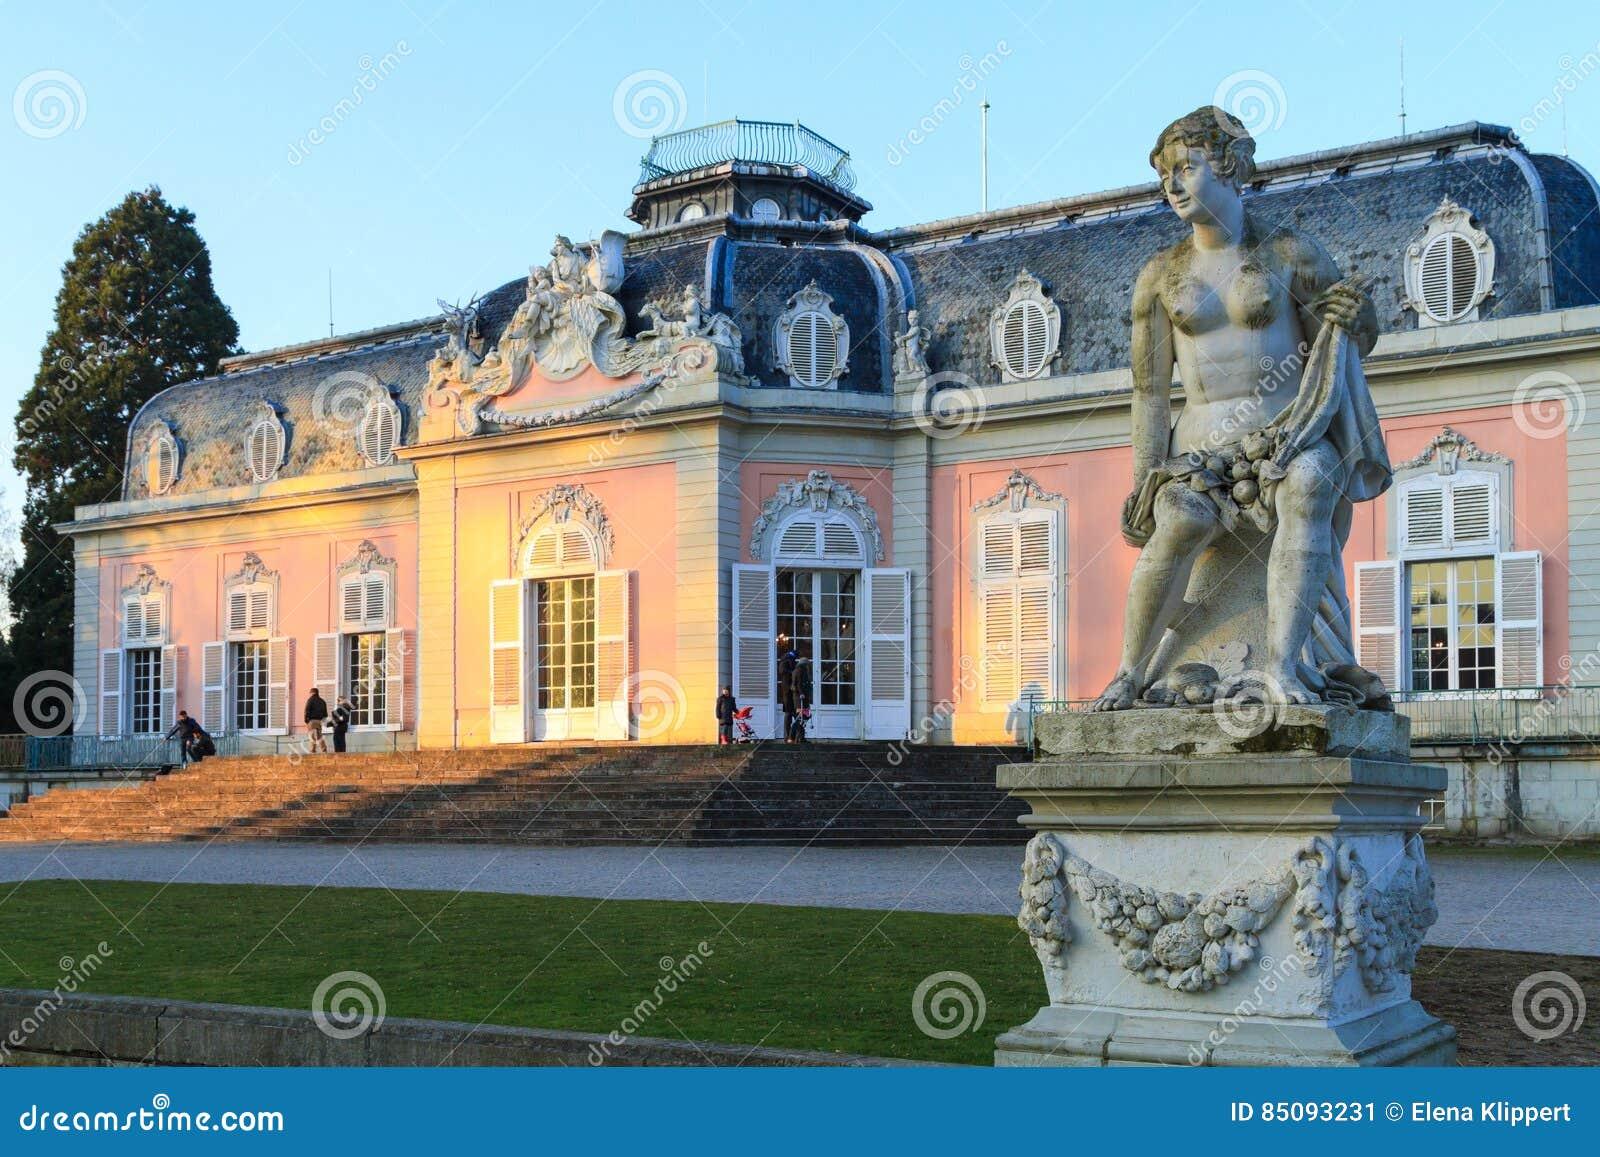 Dusseldorf, Nordrhein-Westfalen, Deutschland - 22. Januar 2017 Schloss Benrath